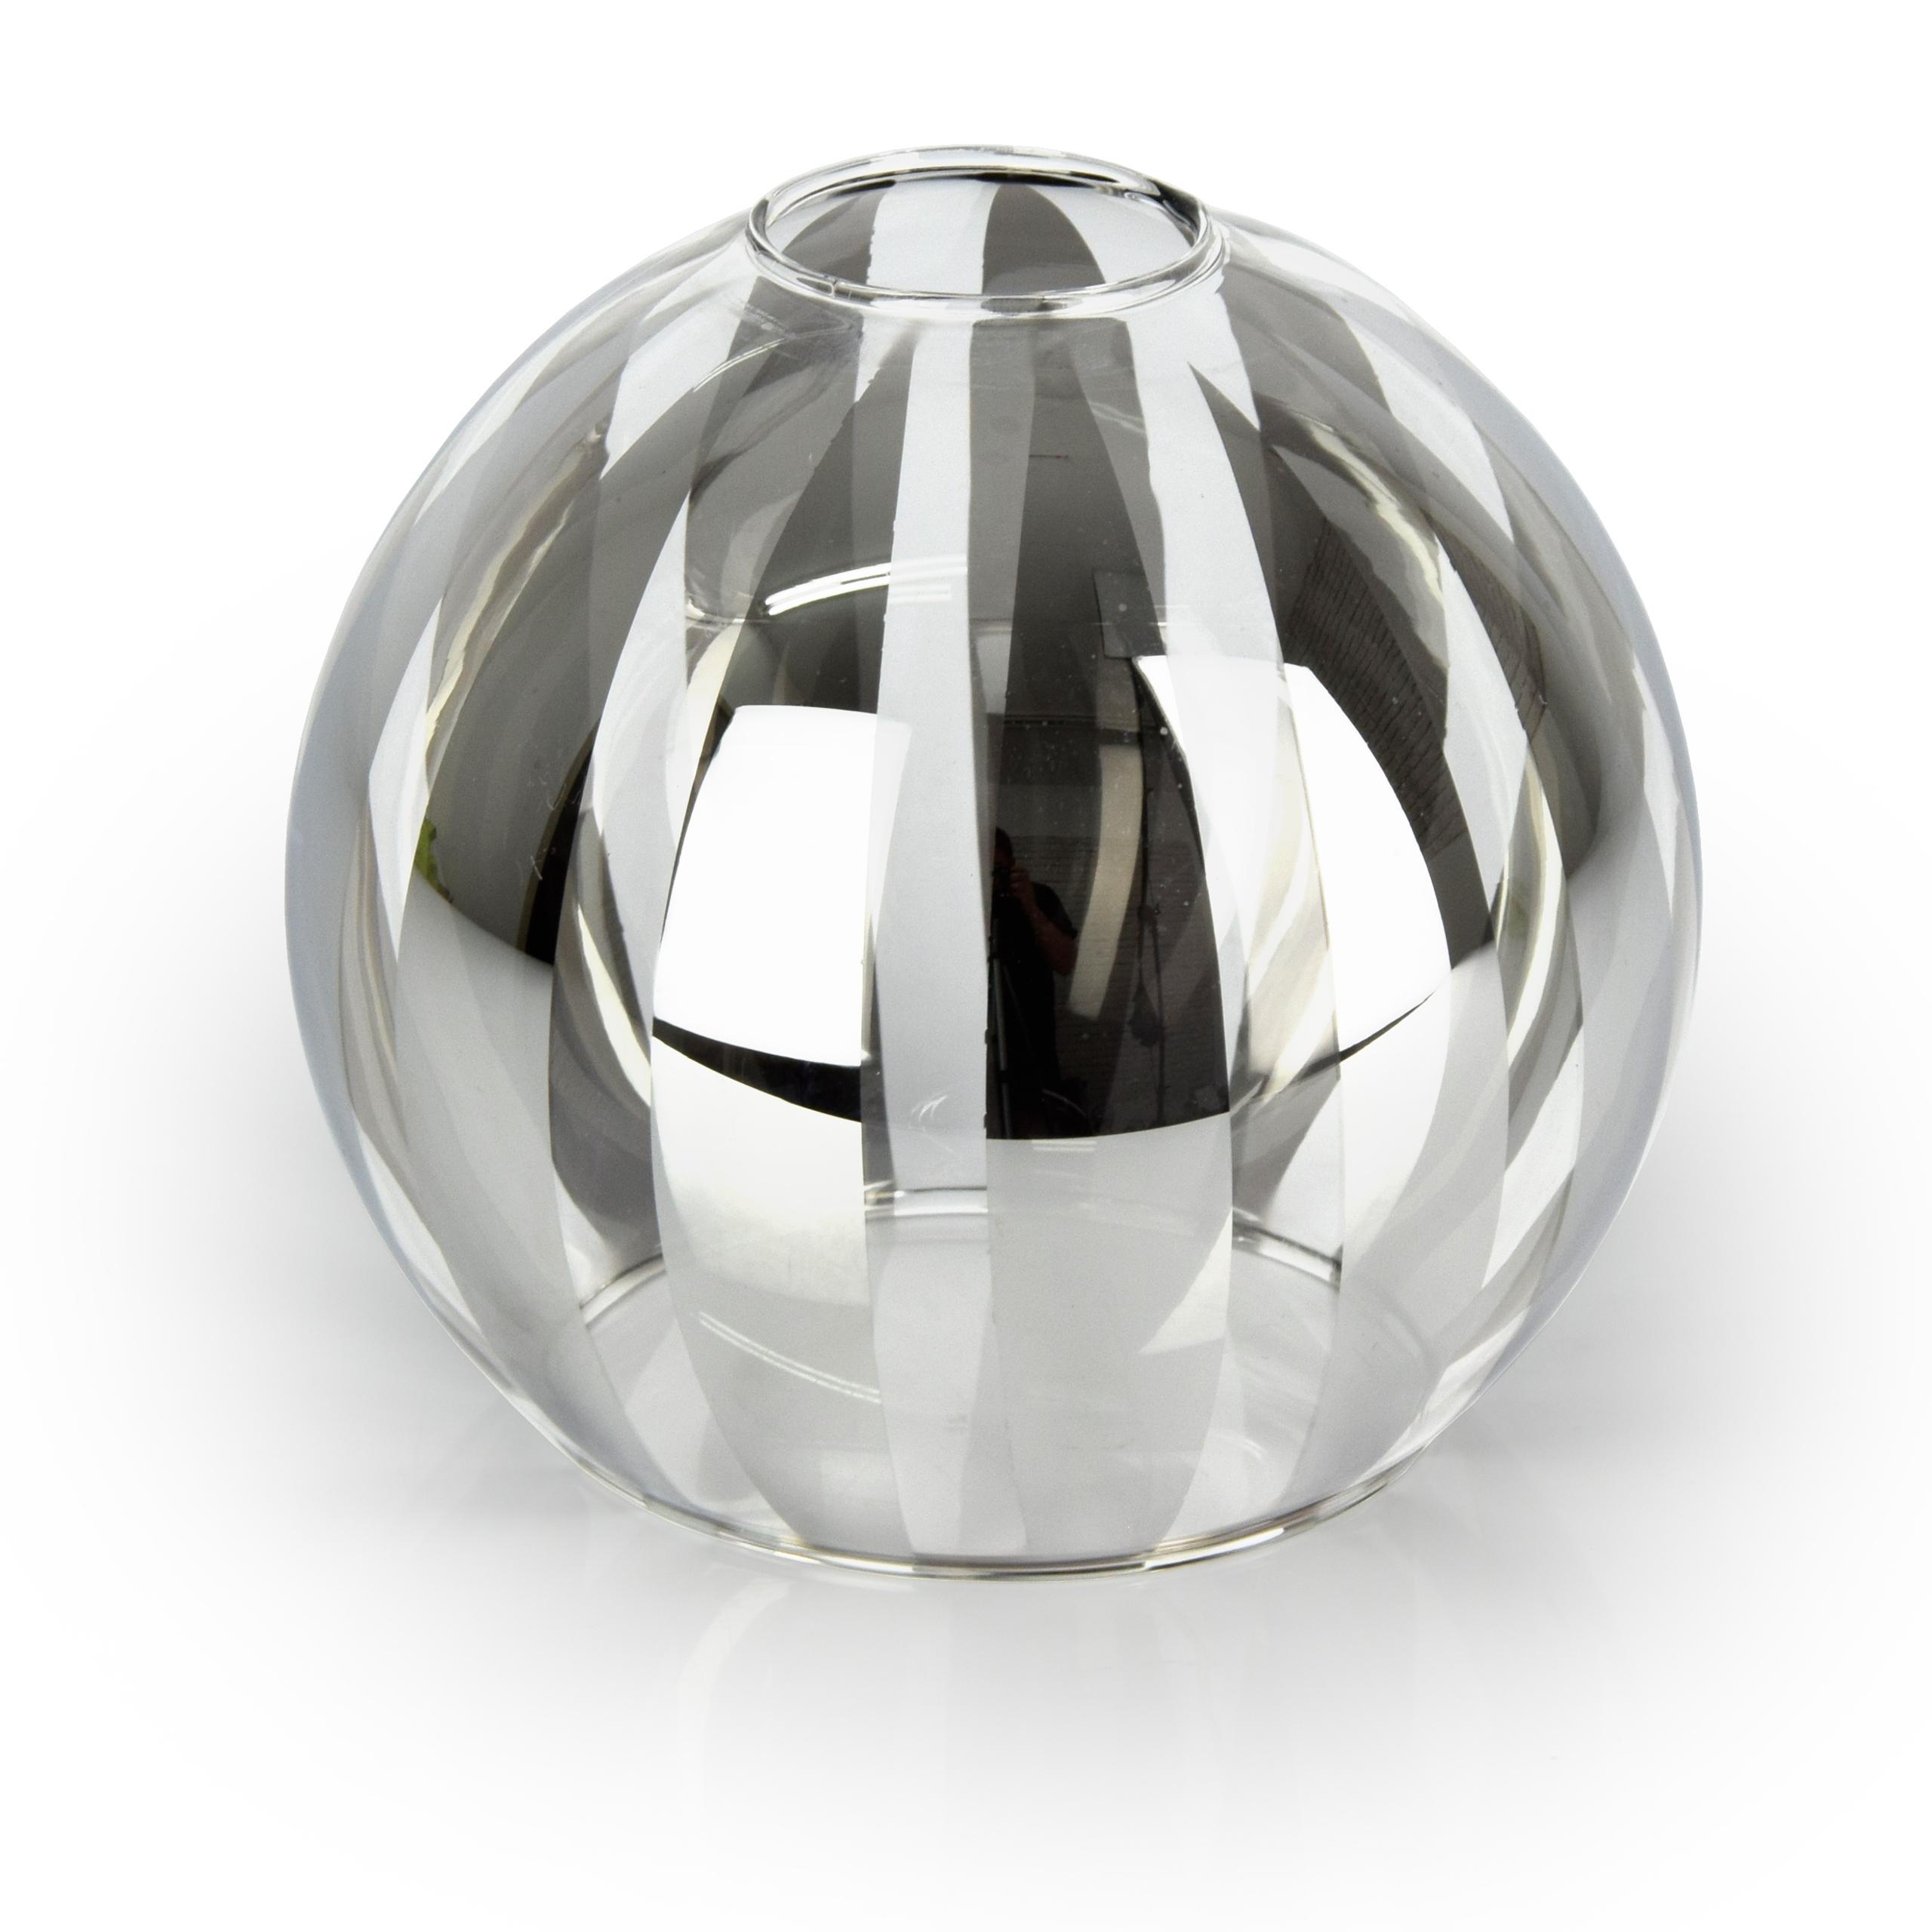 Абажур сферический для светильников настенного светильника Е27